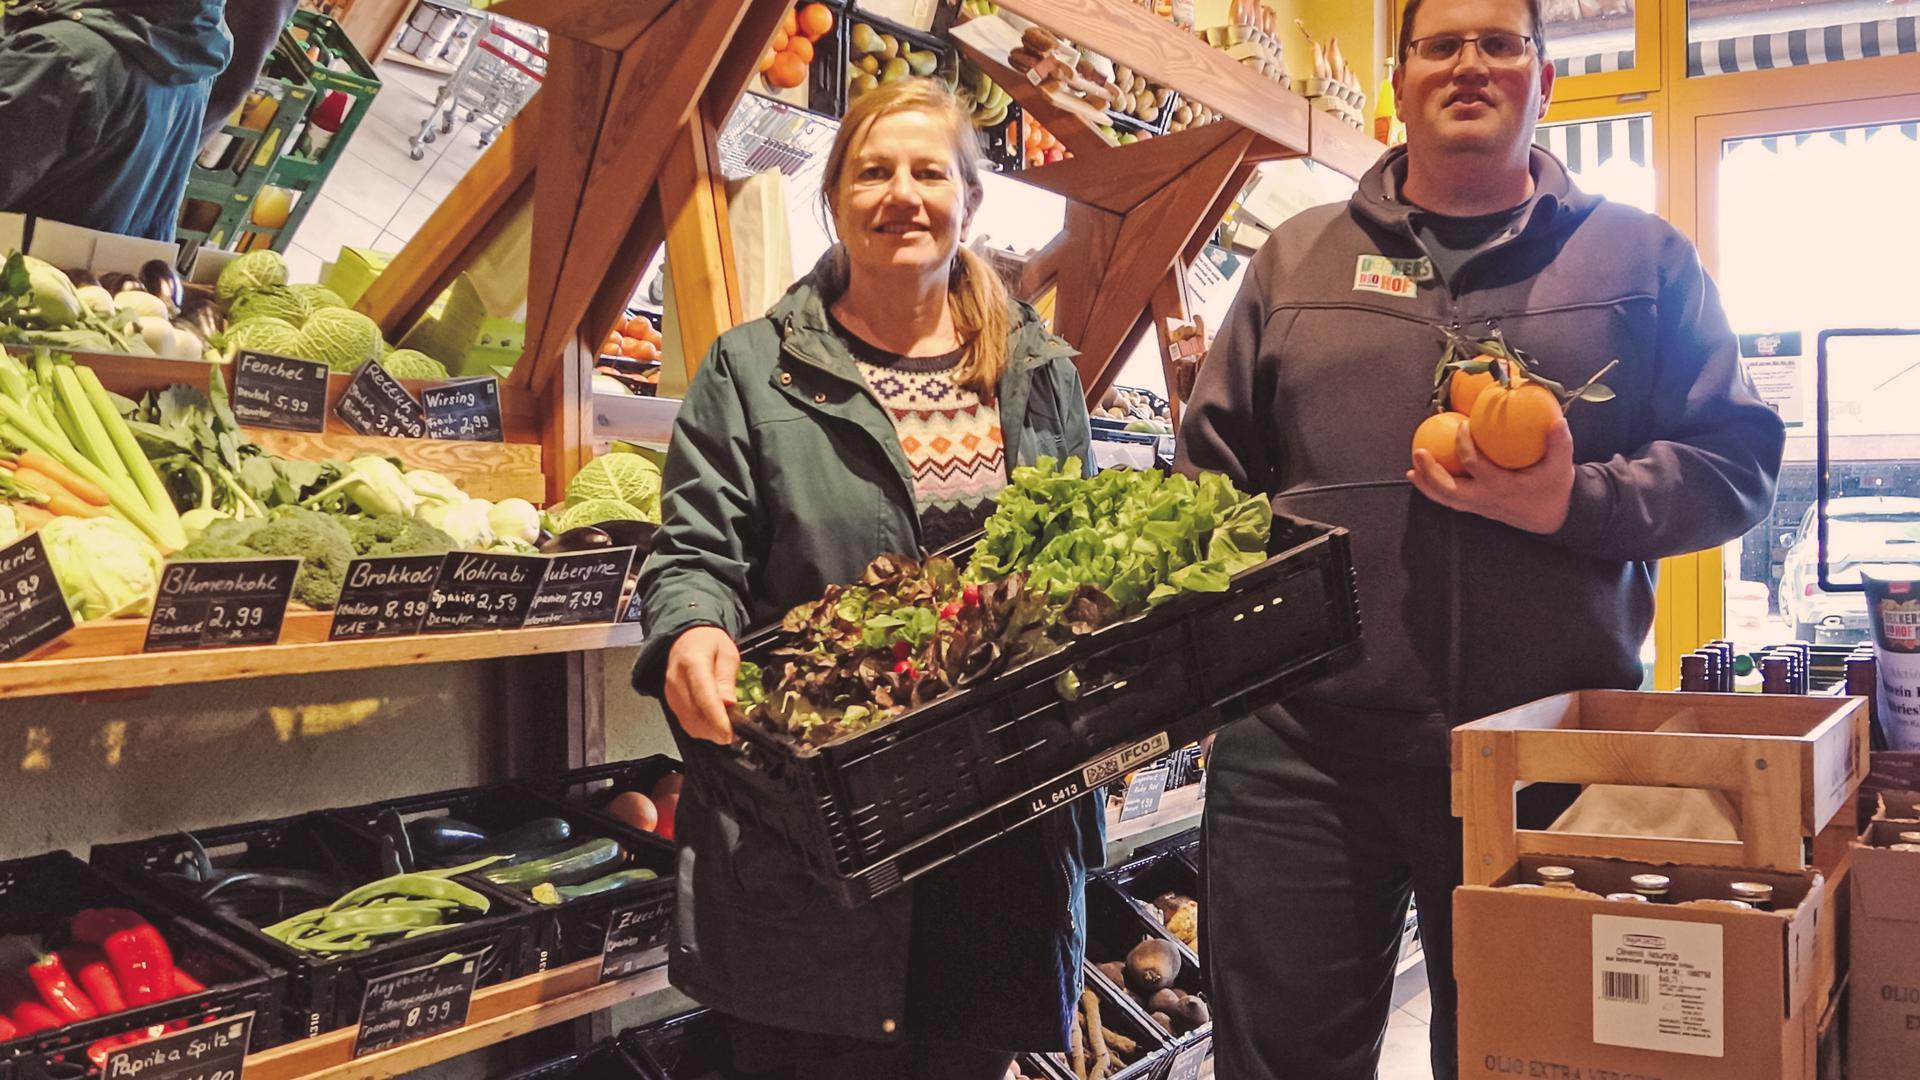 Die Bühler Bio-Unternehmerin Helga Decker und ihr Sohn Christoph konnten während der Corona-Krise vor allem mit ihrem Lieferservice punkten und so auch gleich erfolgreich Werbung für Bio-Produkte machen.